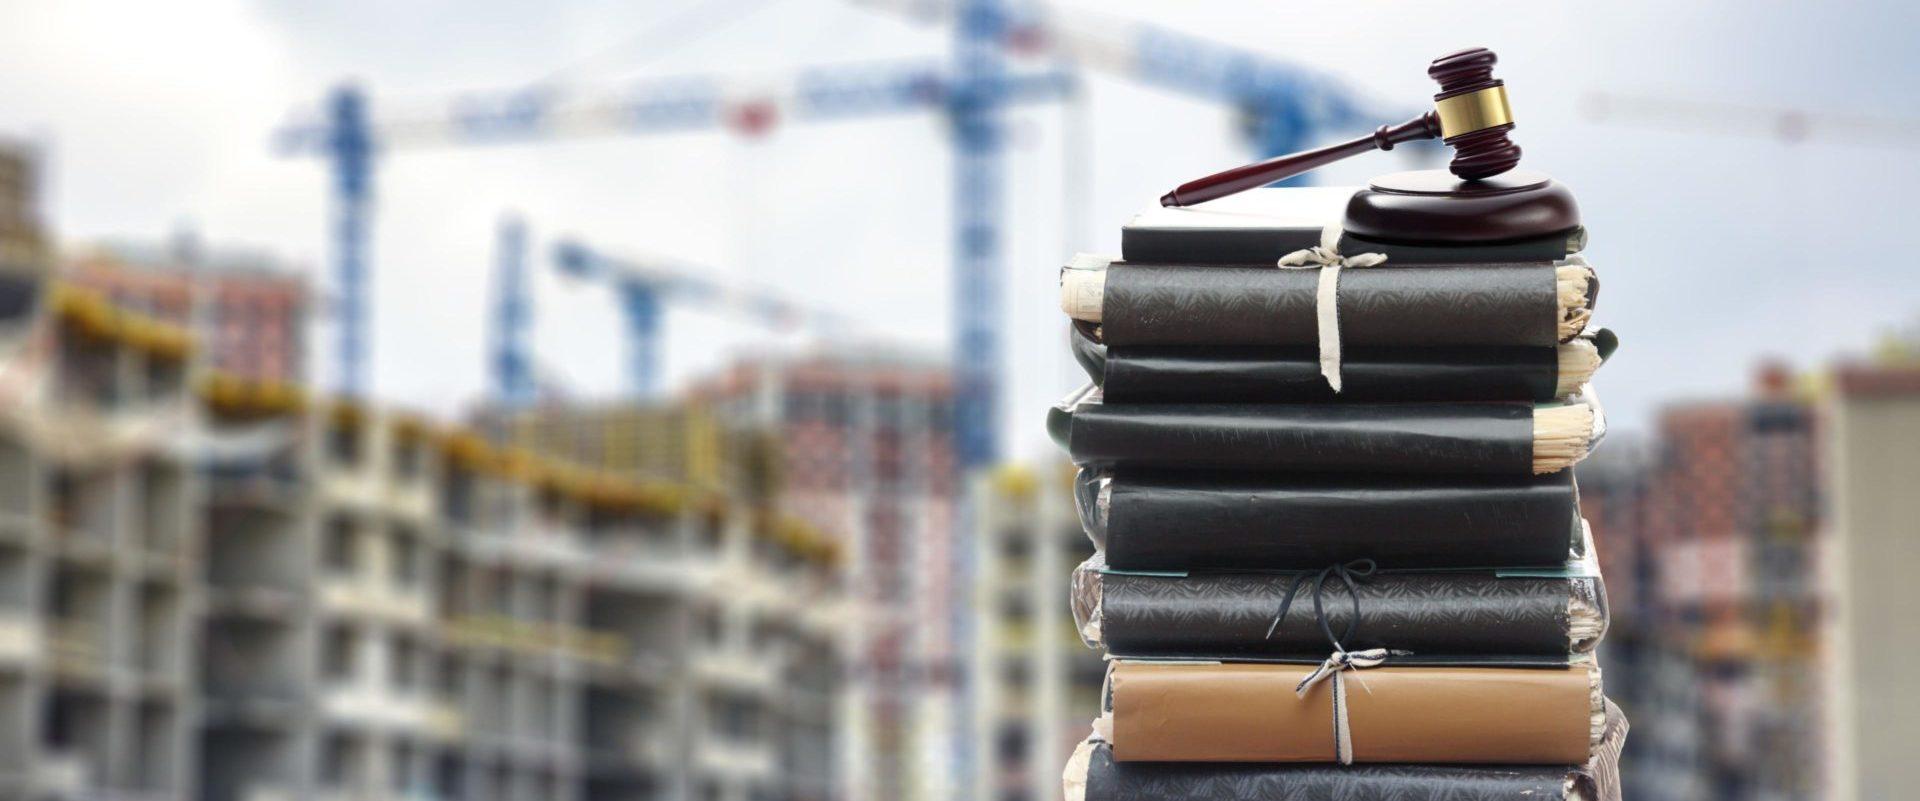 Diritto condominiale studio legale associato agaro - Diritto di prelazione su immobile confinante ...